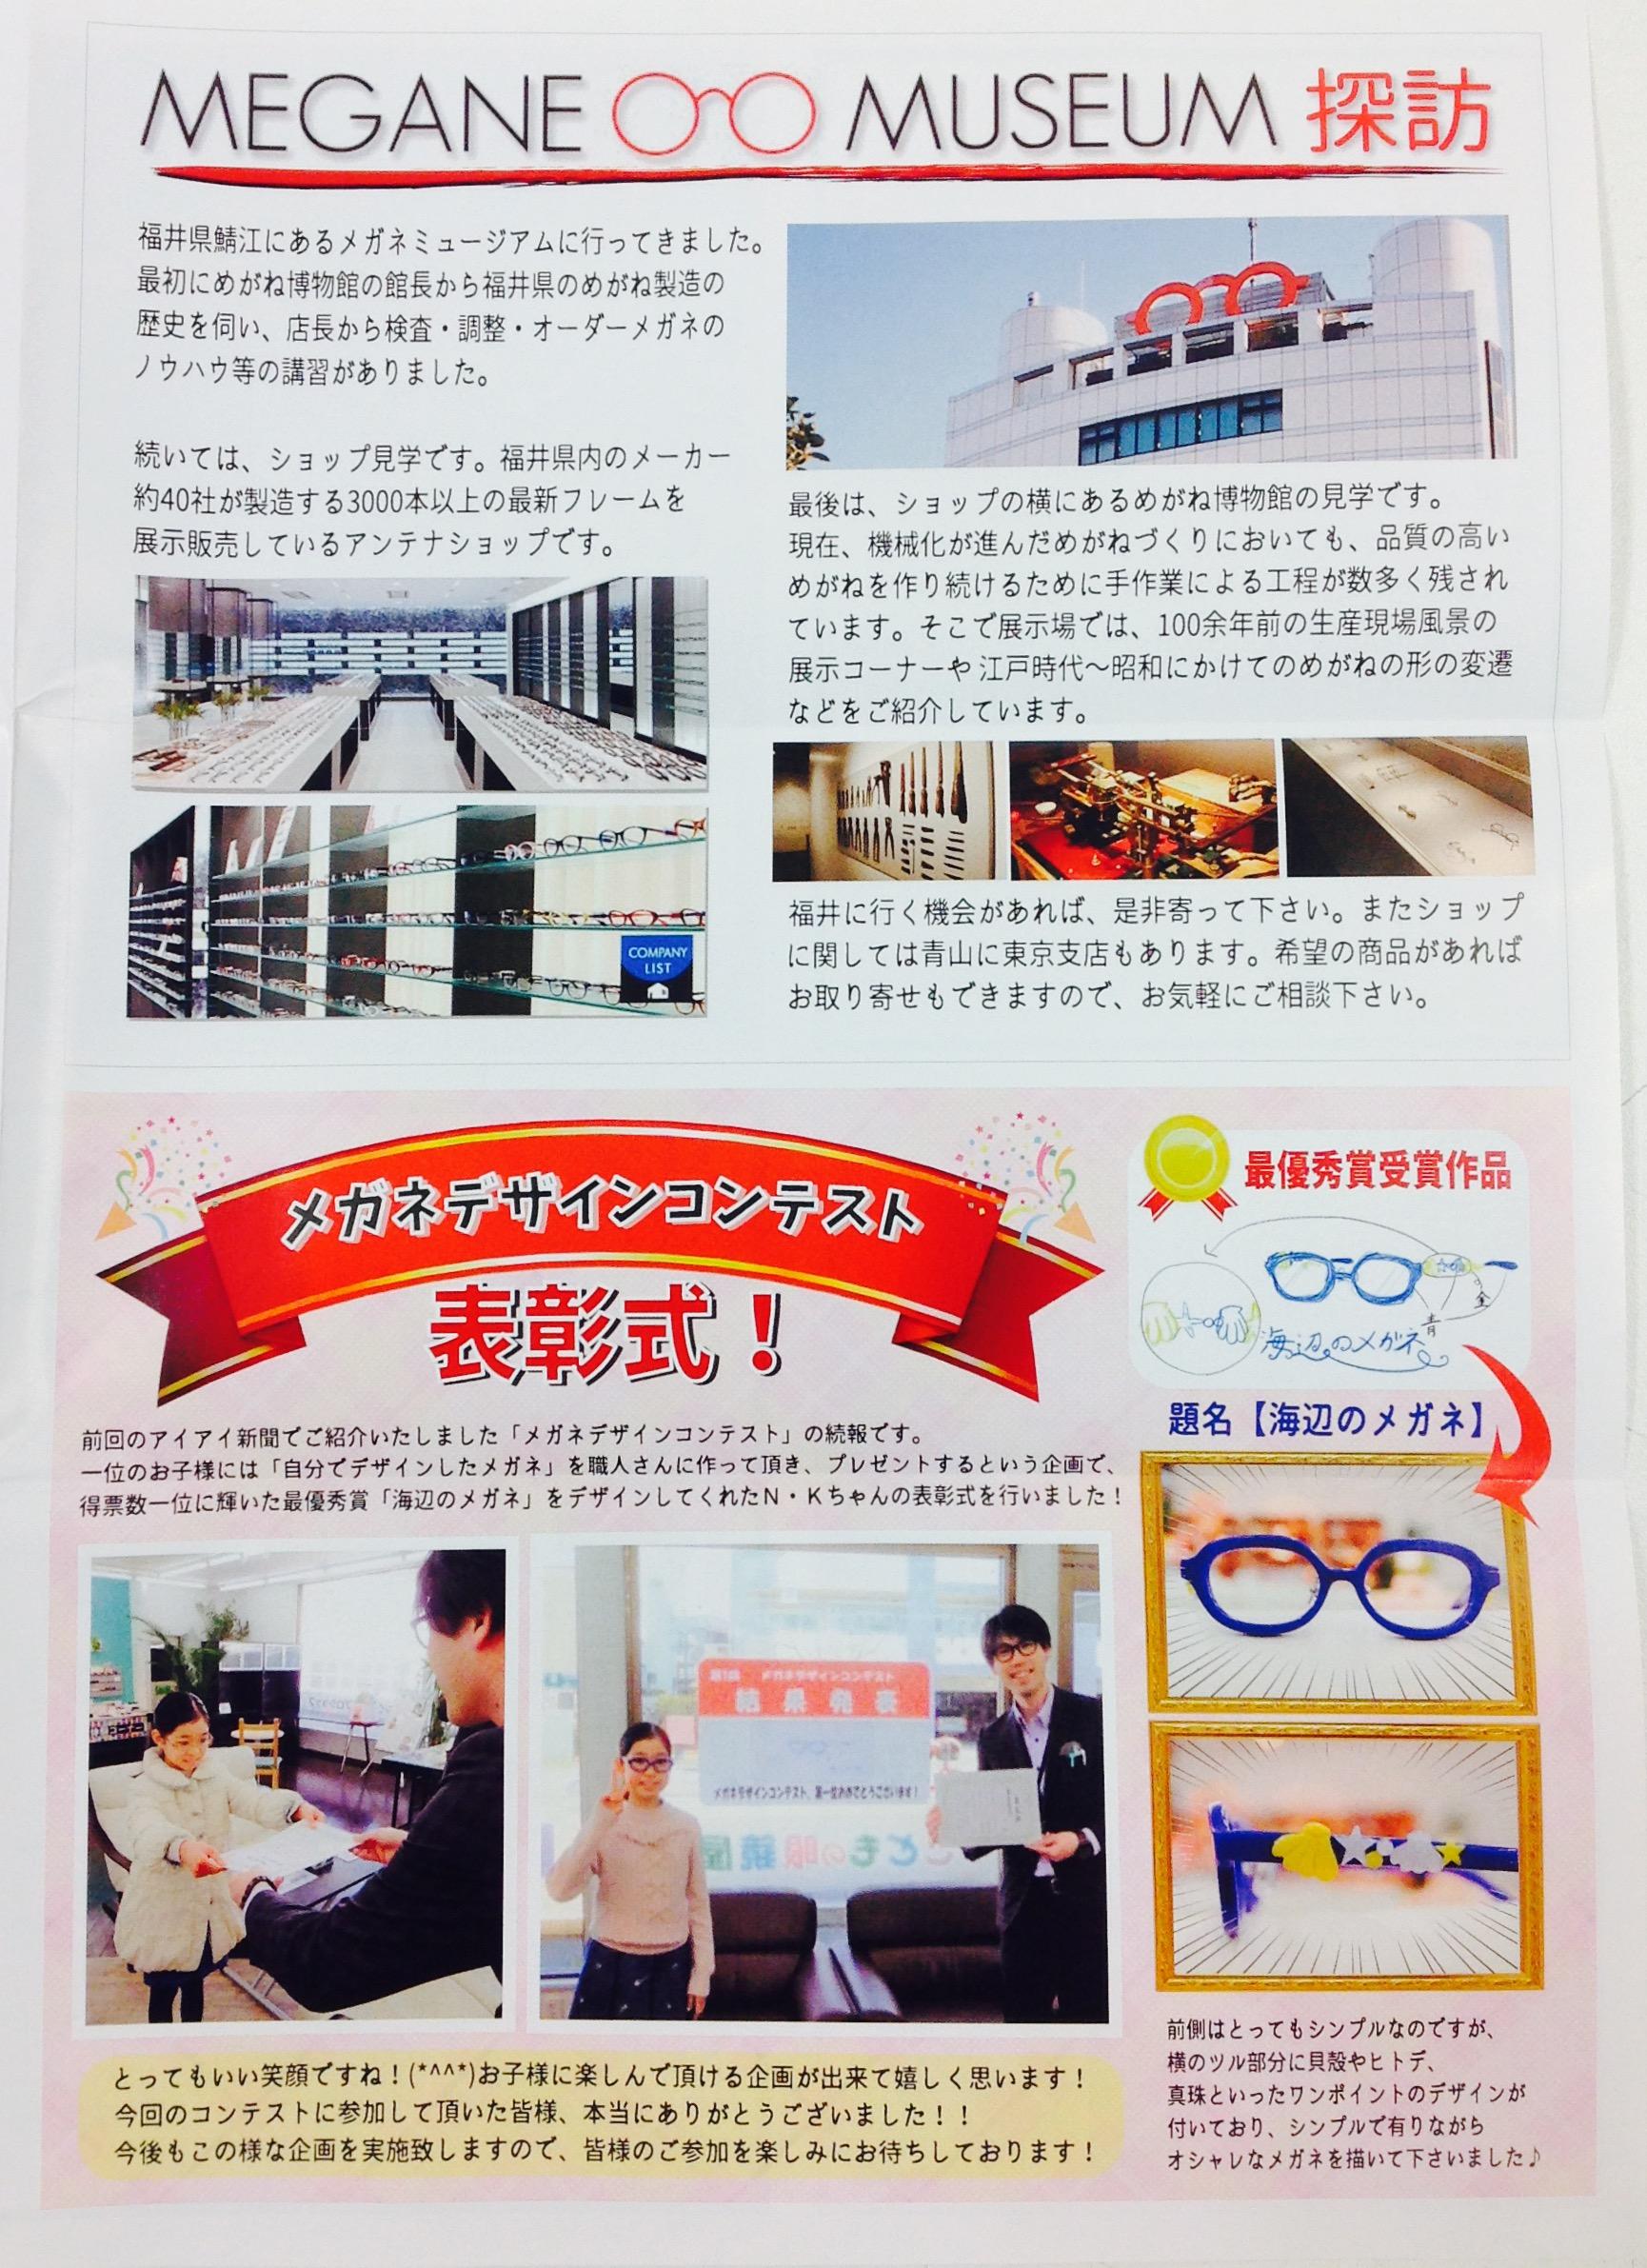 武蔵野市 眼鏡 口コミ サングラス 偏光 子供メガネ 遠近両用 パソコンメガネ